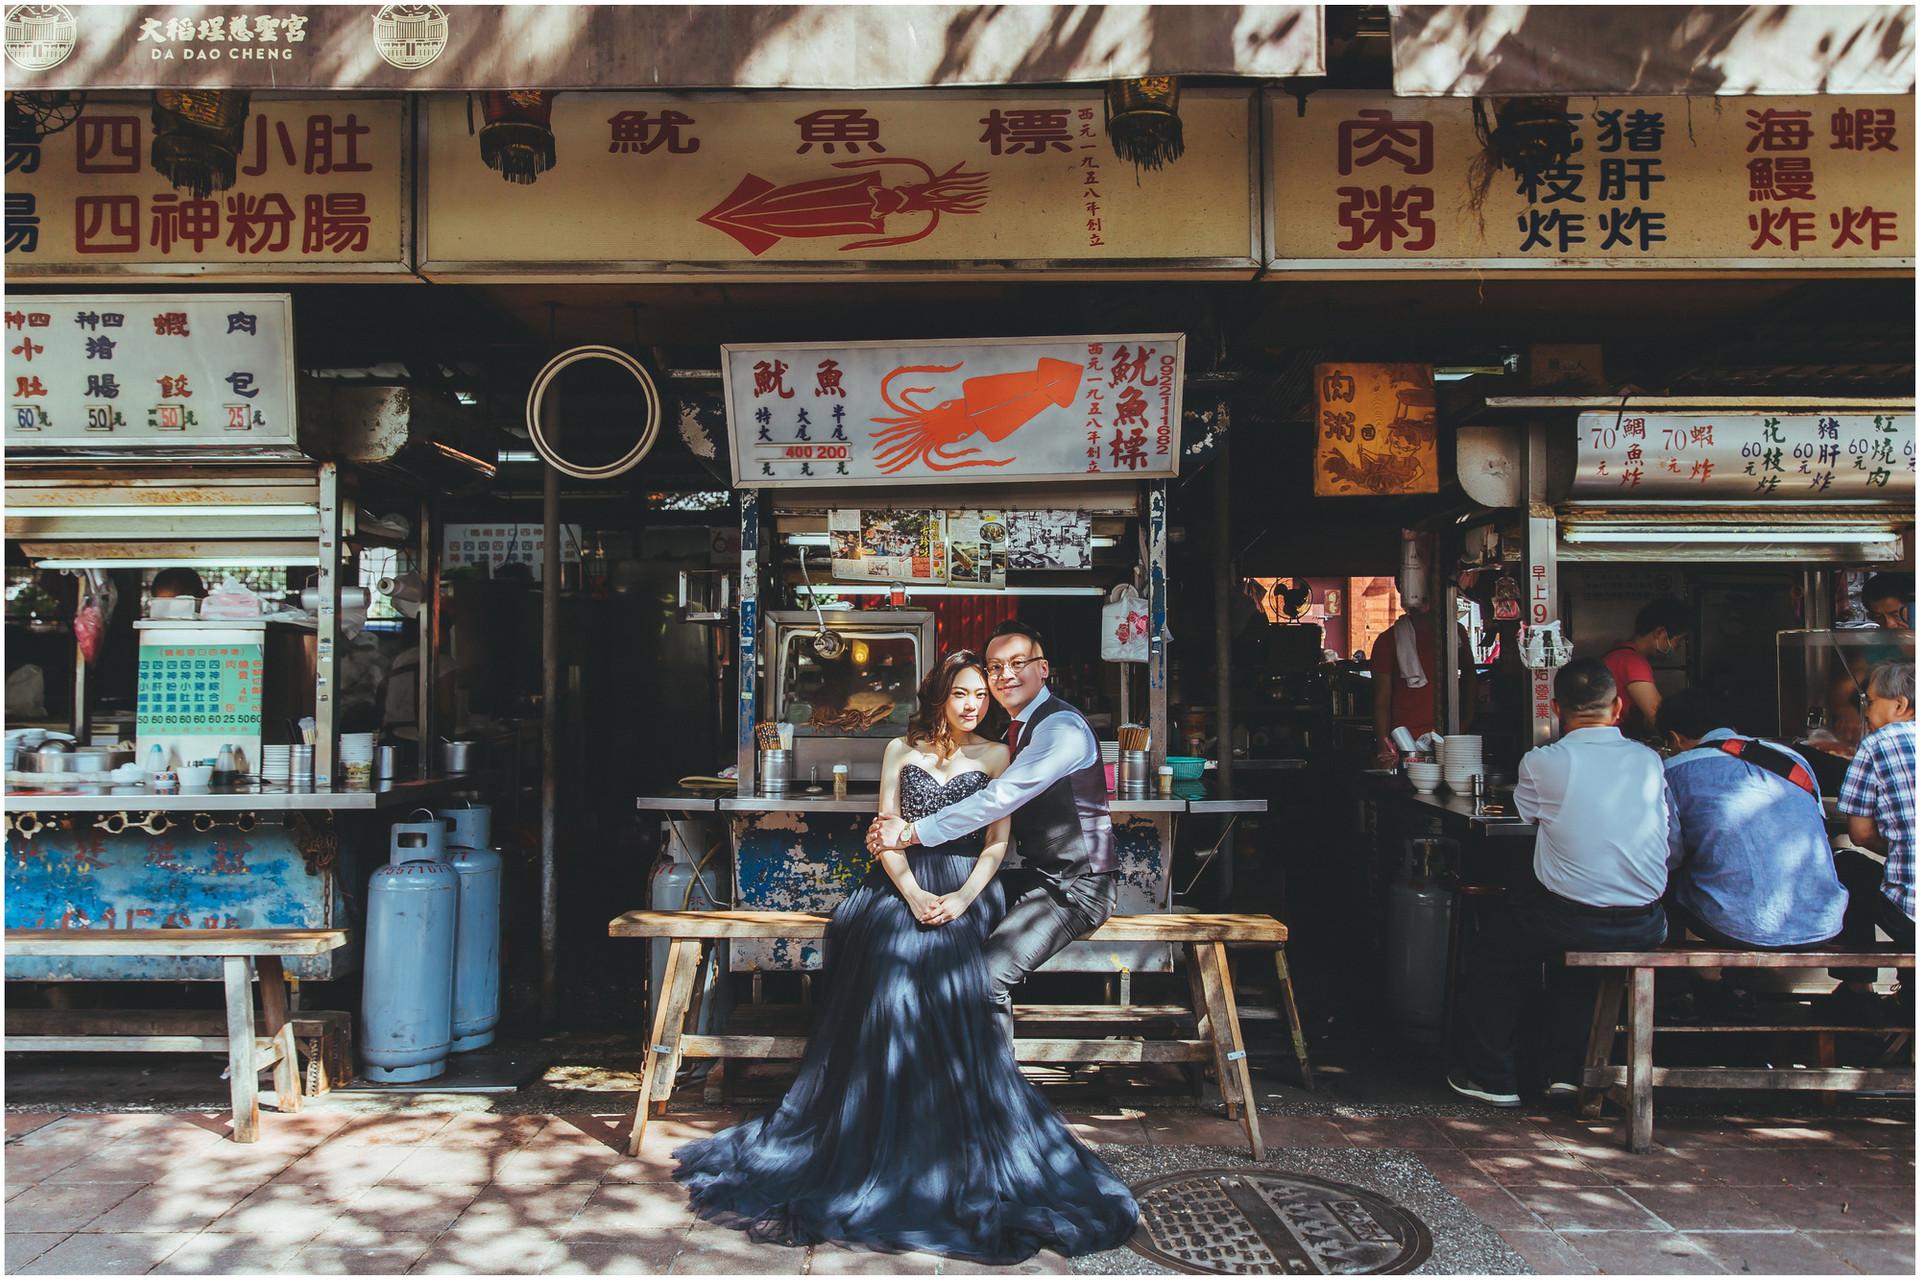 迪化年貨街 / 慈聖宮前廣場 / 黑森林 / 花卉試驗中心 / 寵物寫真 / 柴犬 / 自然捲棚拍 /  / 居家風 / 素人寫真